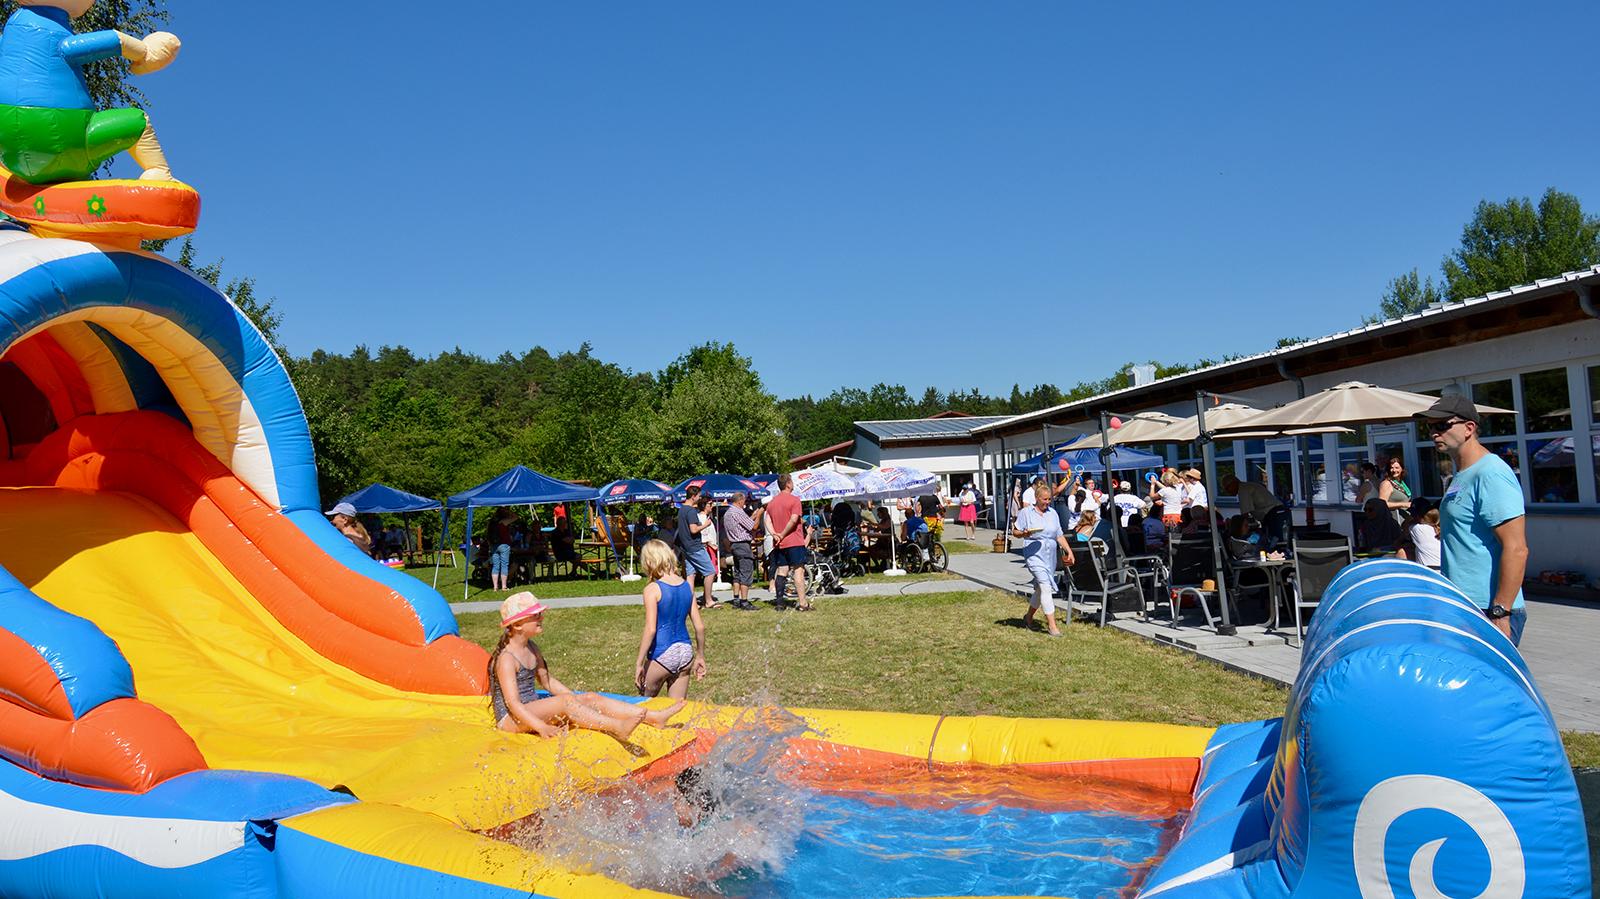 Mit eine Beach Party feiert der Familienentlastungsdienst sein Jubiläum. Stark frequentiert war bei den tropischen Temperaturen die neue Hüpfburg, deren Rutsche direkt ins kühle Nass führte.